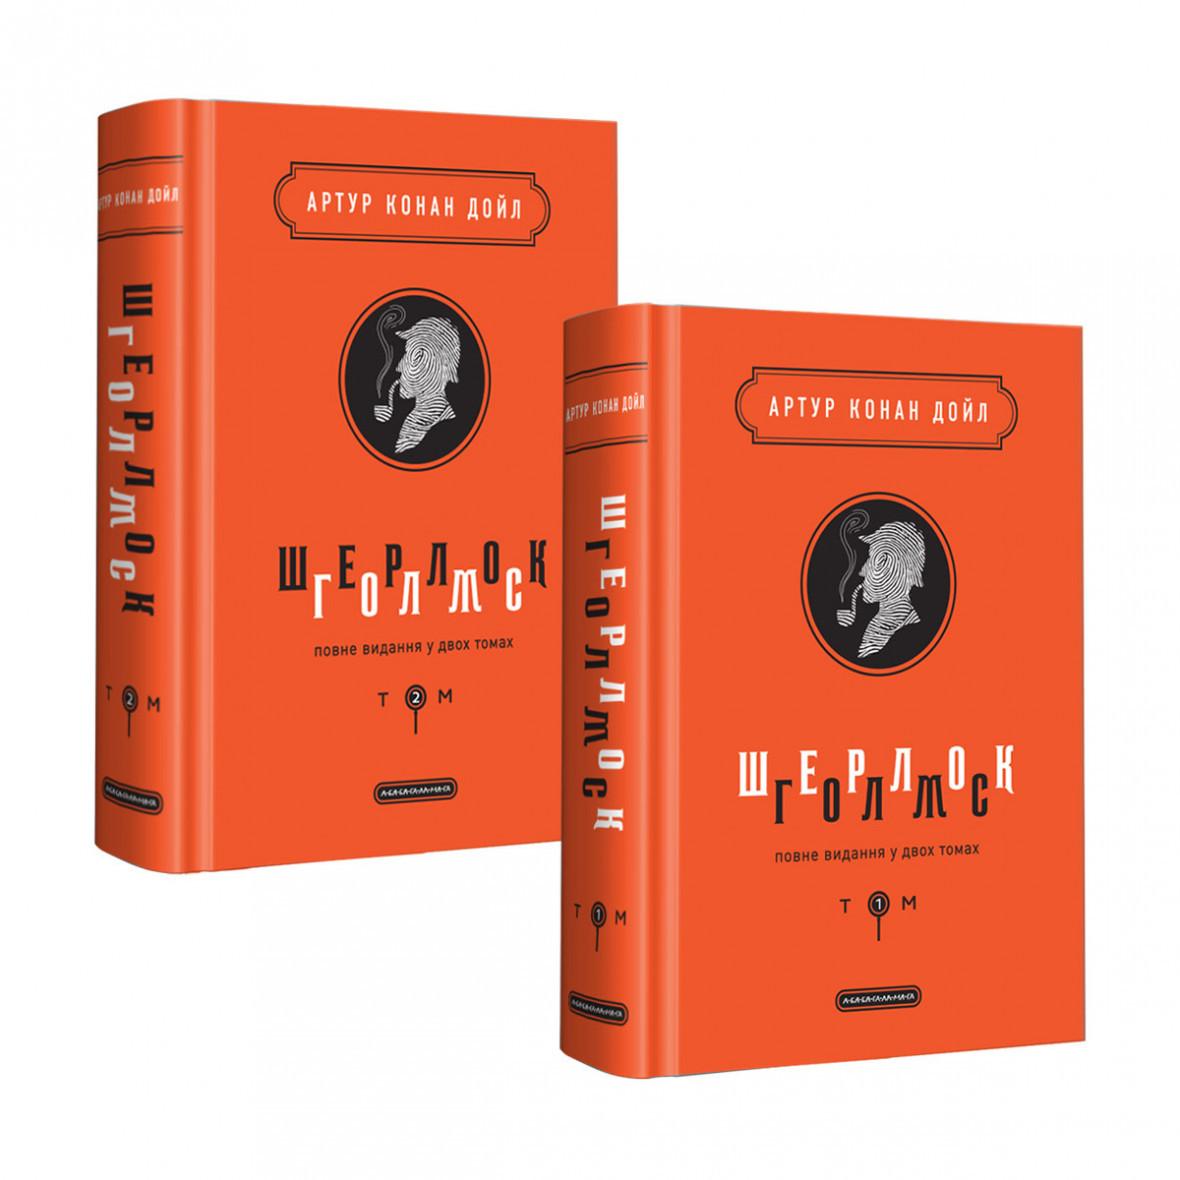 Шерлок Голмс: повне видання у двох томах.